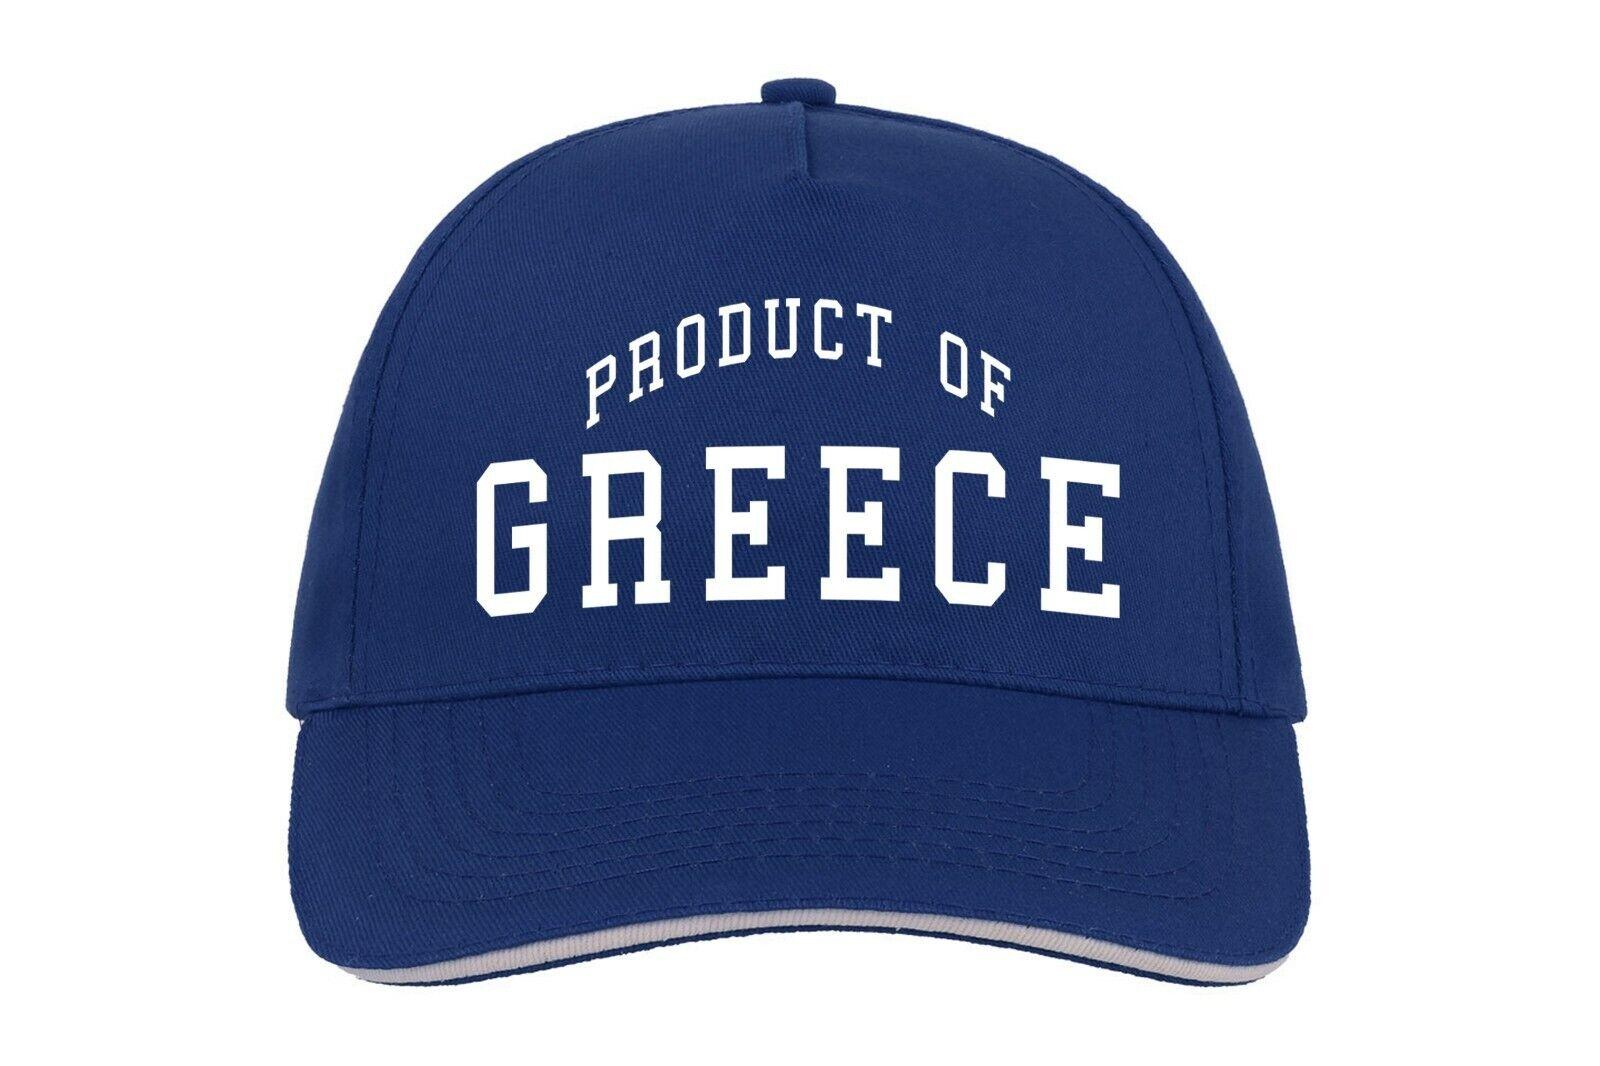 Griechenland Produkt Von Baseballmütze Cap Maßgefertigt Geburtstag Geschenk Land